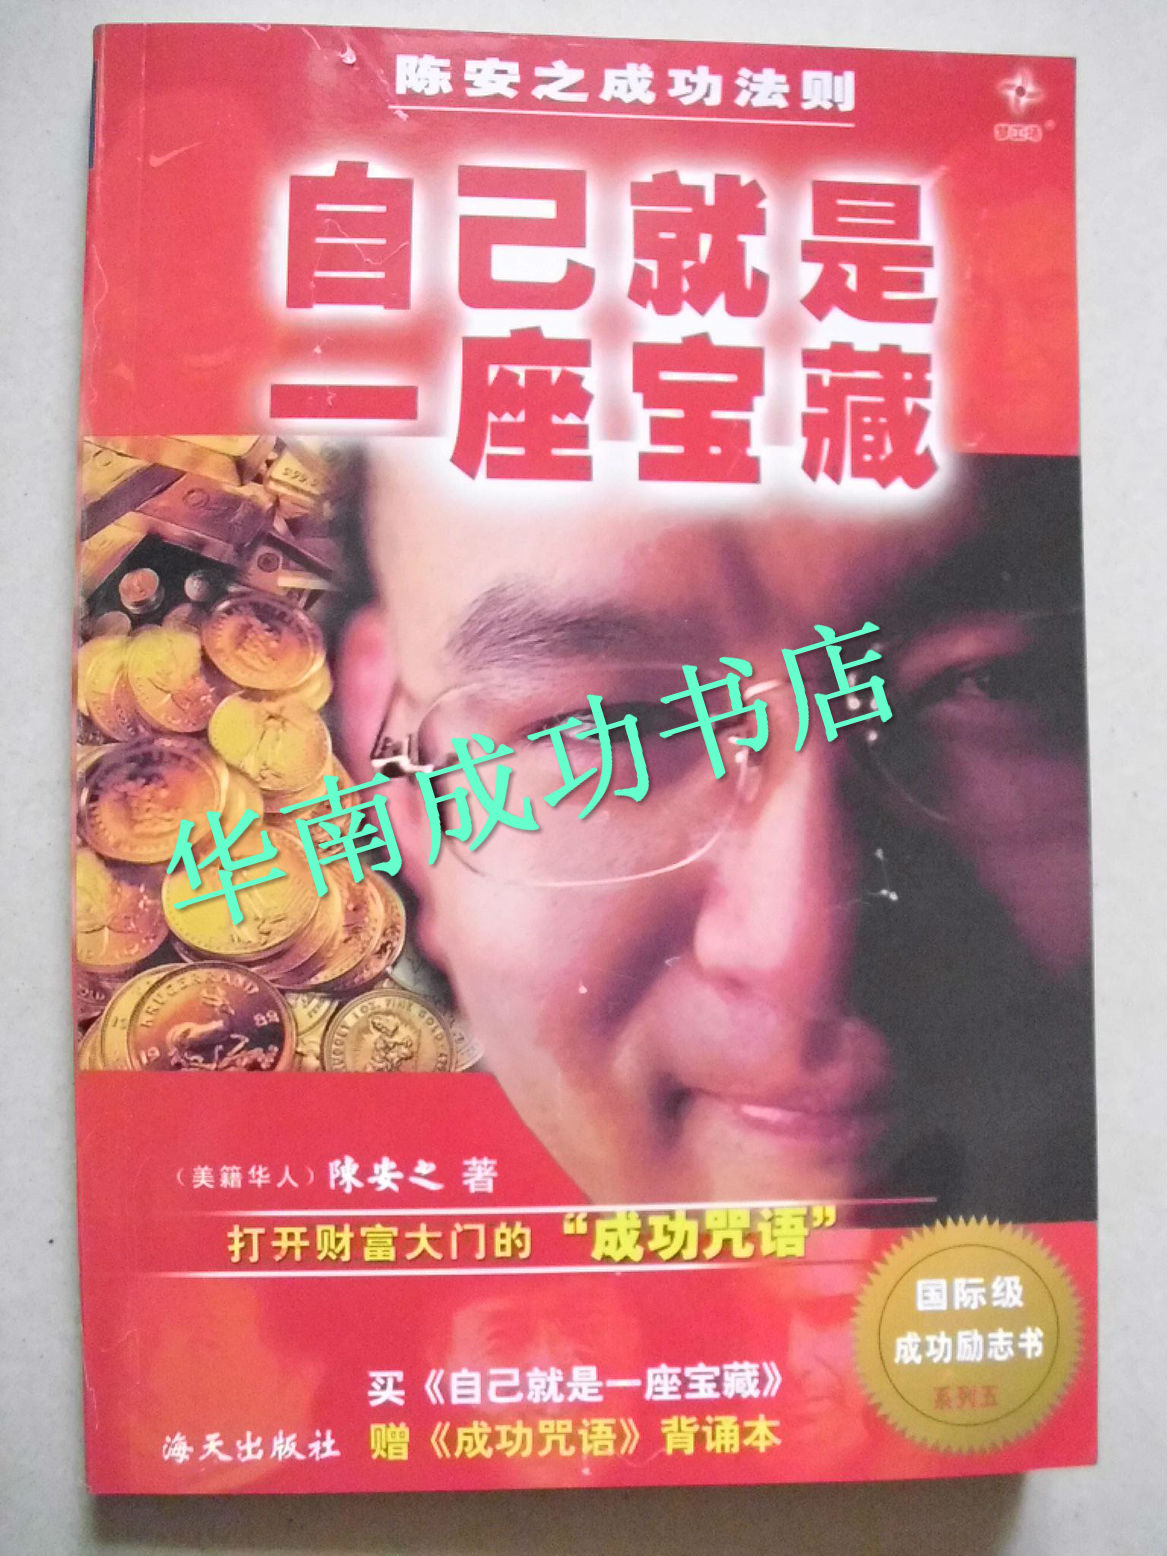 Книга, Газета, Каталог Полное собрание сочинений Чэня успешной книги полное серии 8 предел 35 полностью новые события